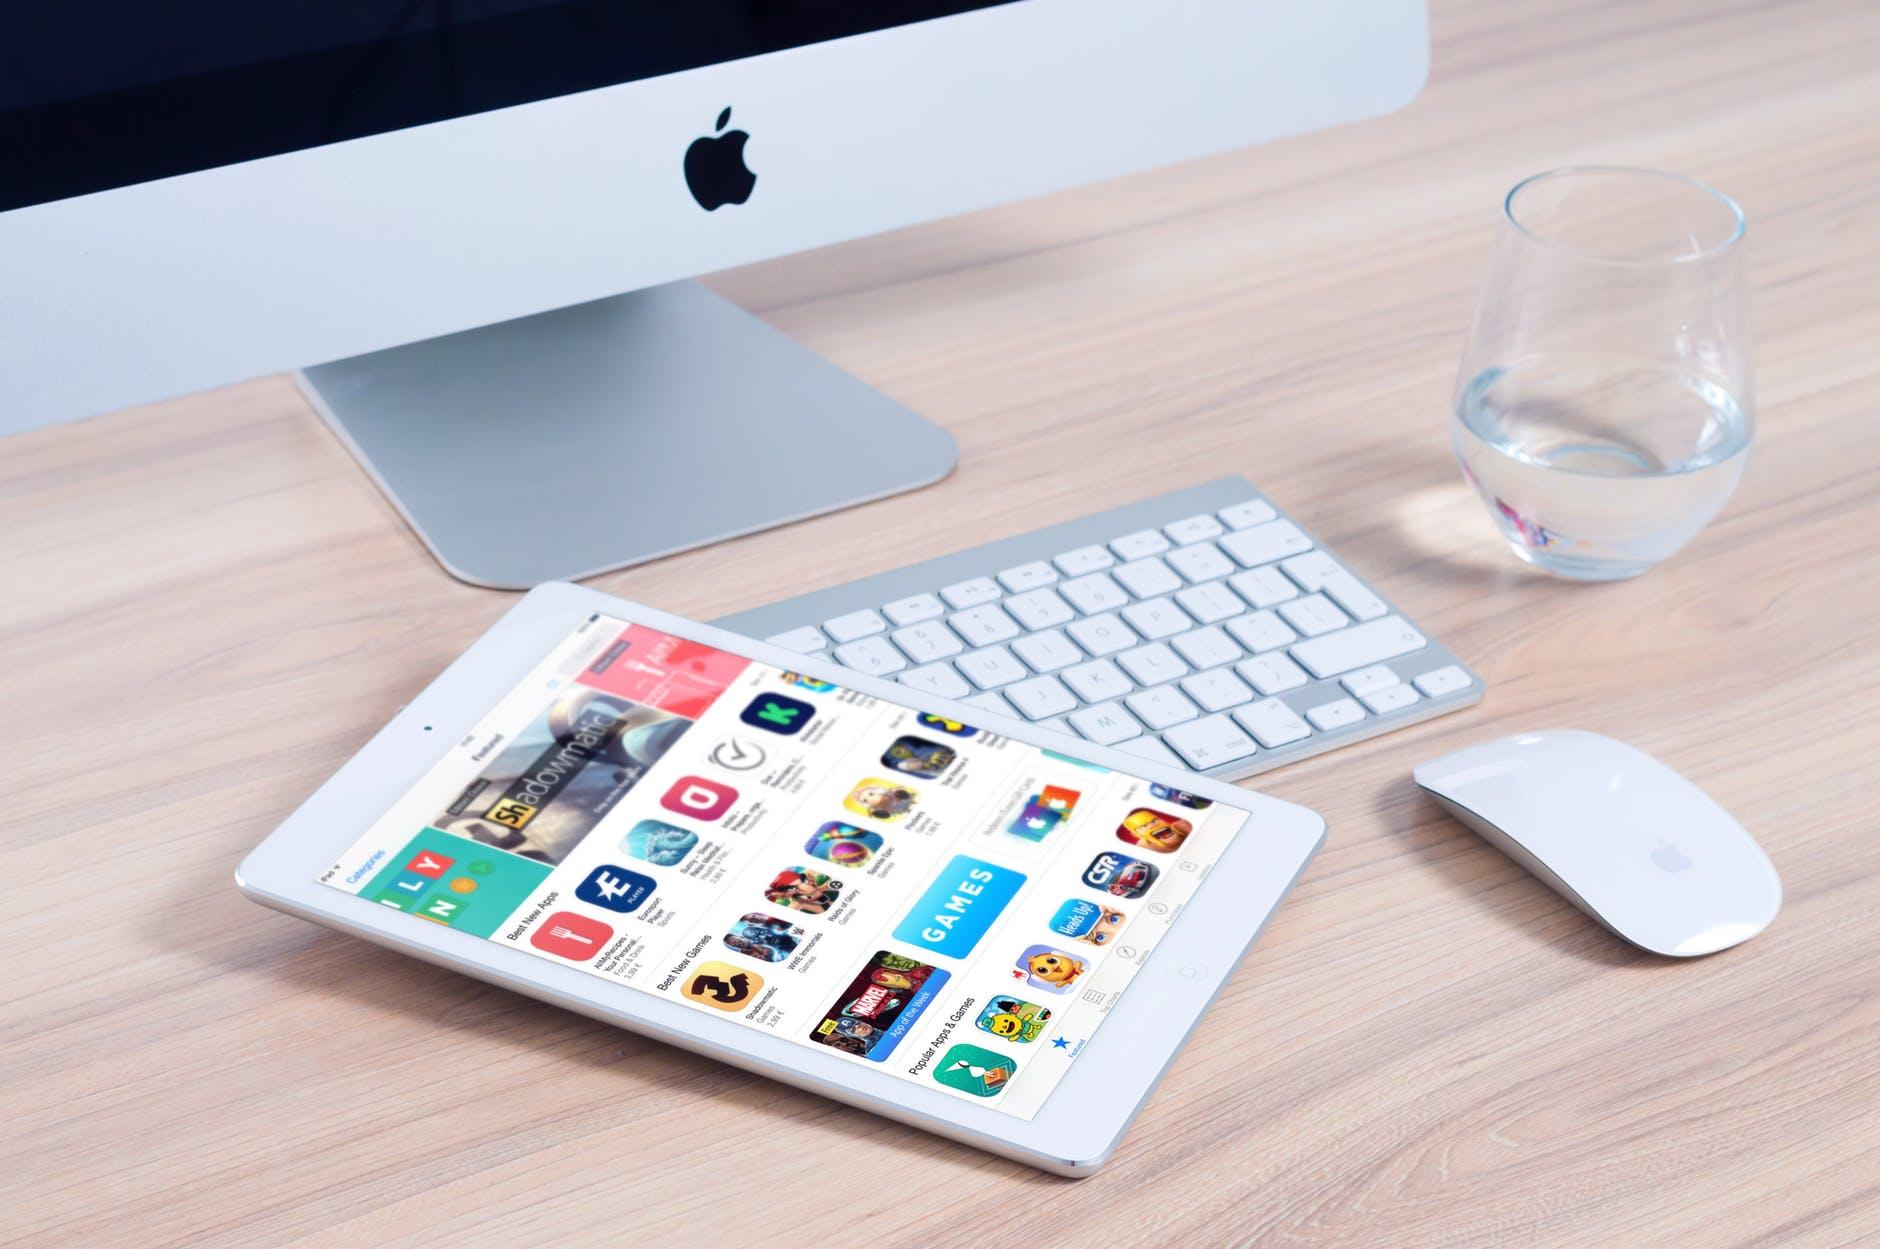 Les 15 meilleures applications de productivité pour votre vie quotidienne